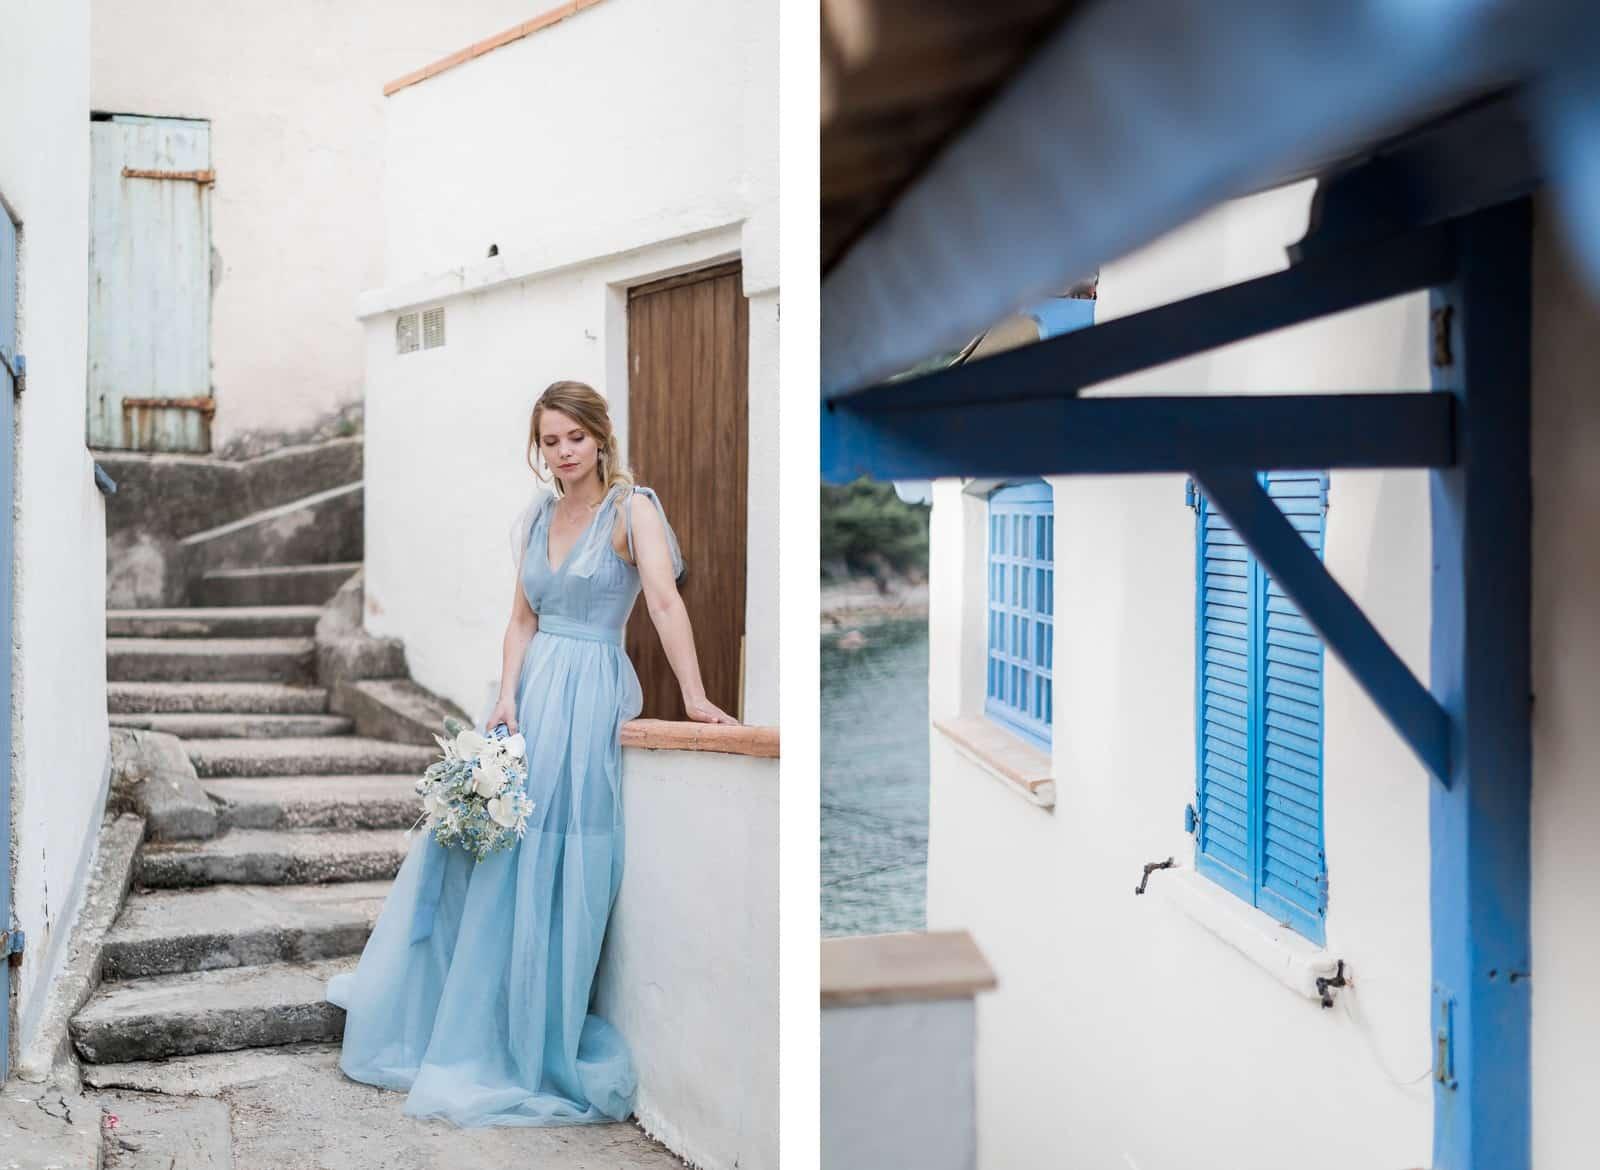 Photographie de Mathieu Dété, photographe de mariage sur l'île de la Réunion (974), présentant une mariée dans un petit village et une maison avec les volets bleu